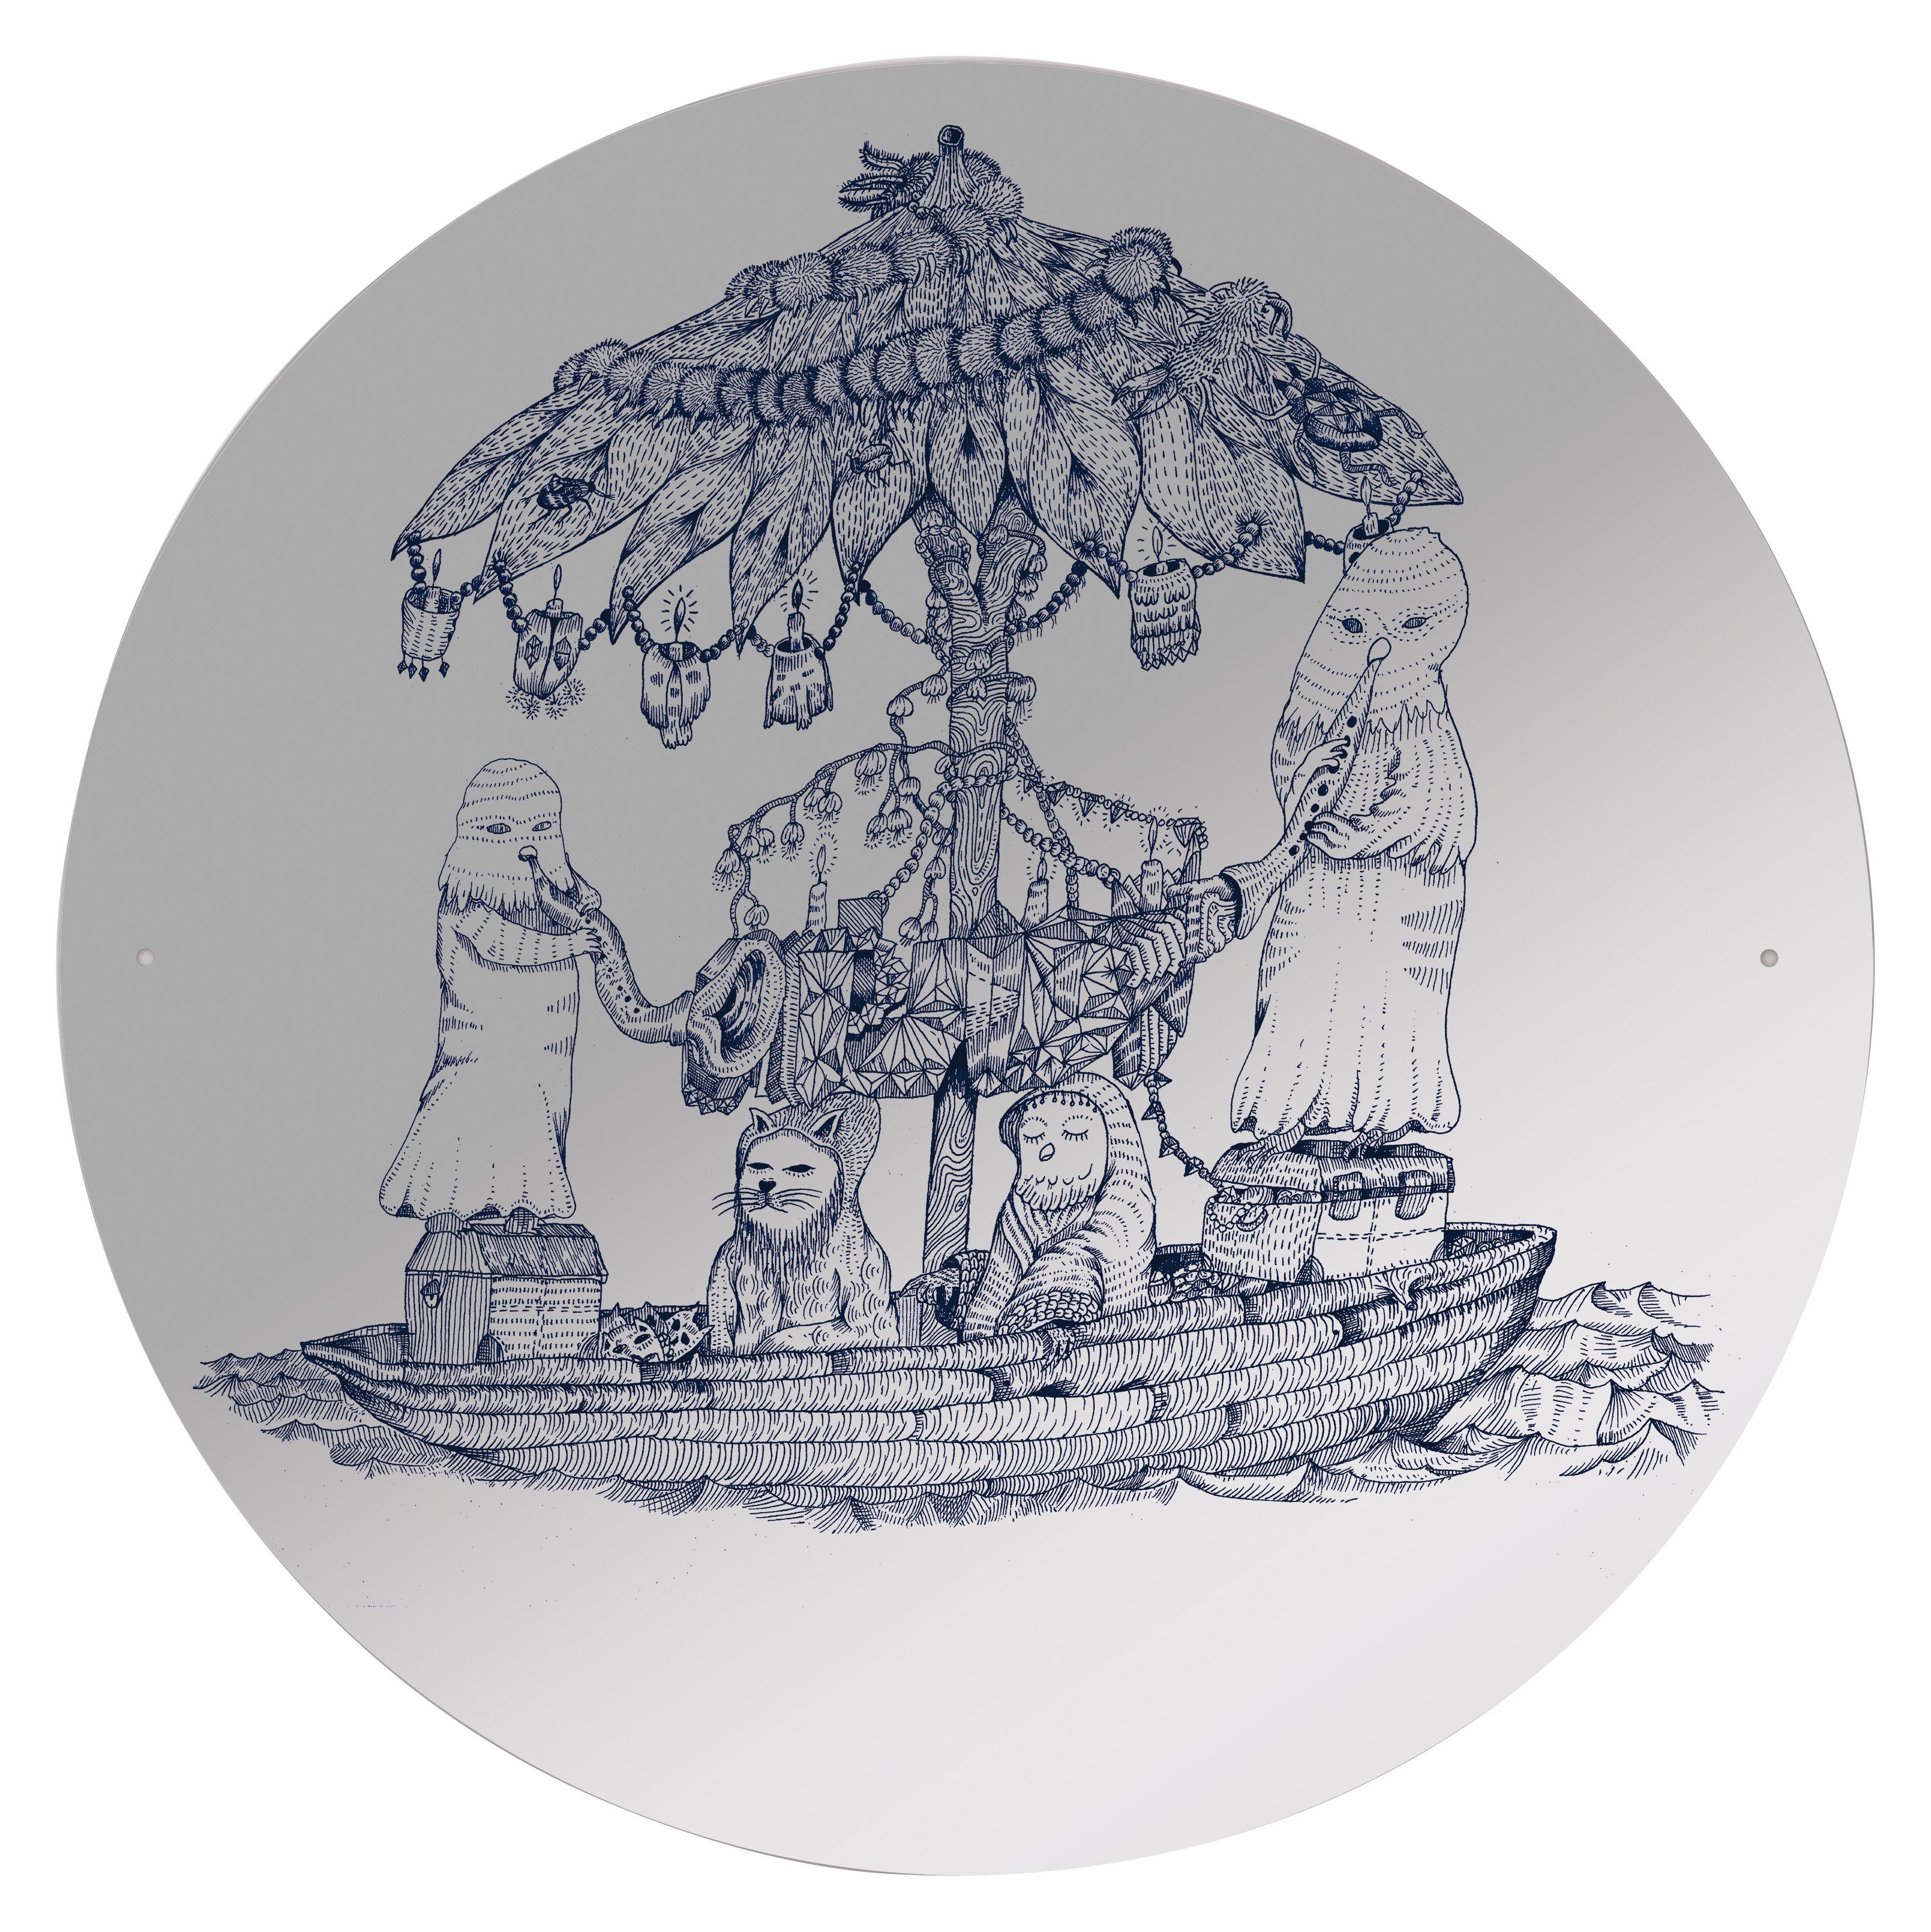 Arredamento - Specchi - Specchio autocollante Opulant boat - / Autoadesivo di Domestic - Motivo barca - Materiale plastico